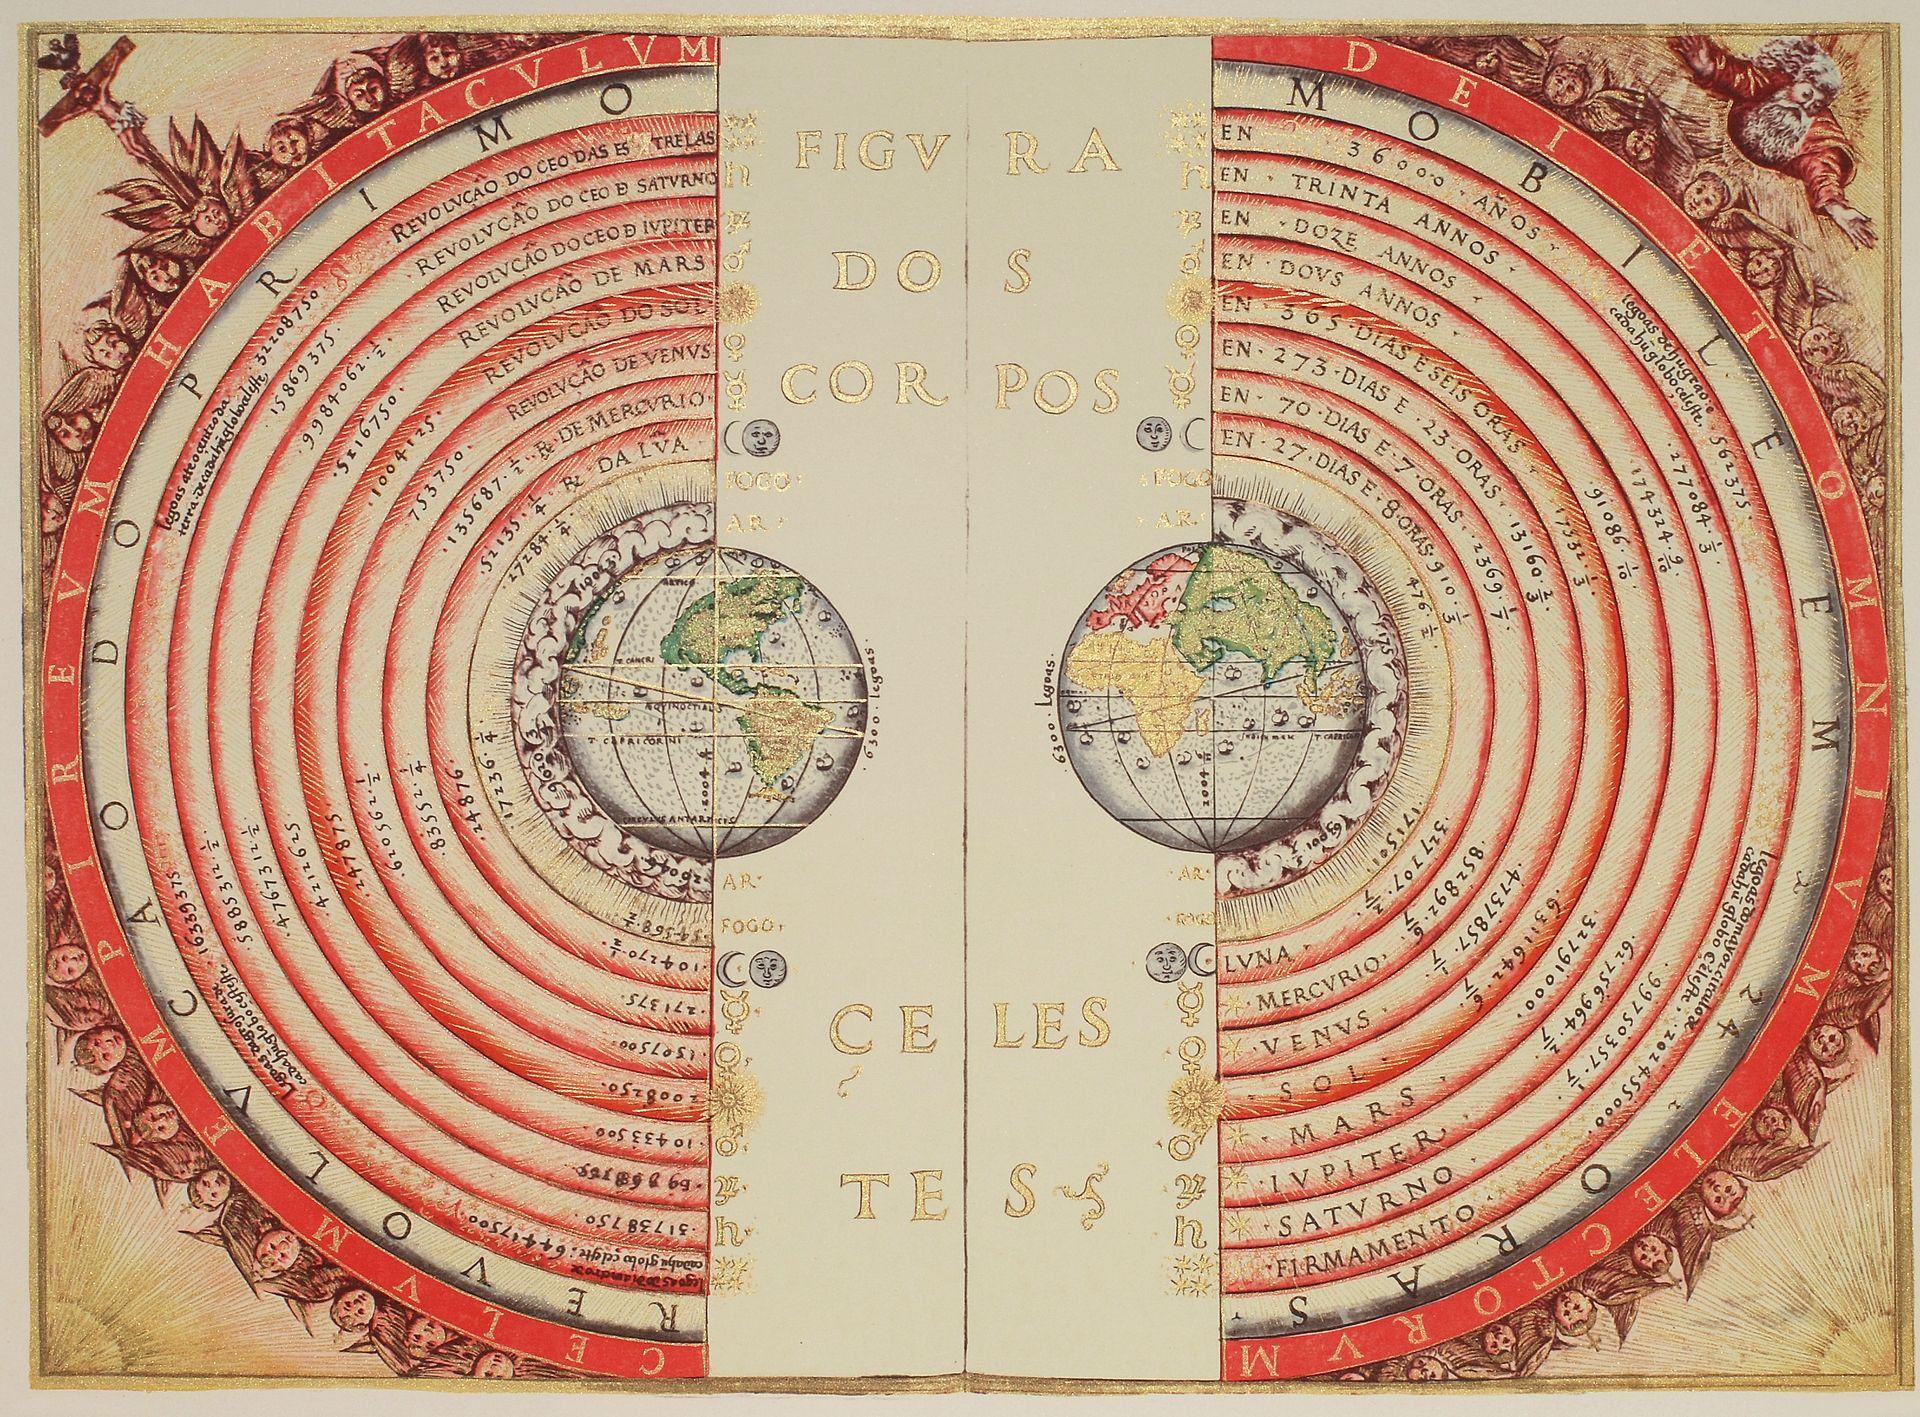 ¿Cómo sabemos que la Tierra gira alrededor del Sol?